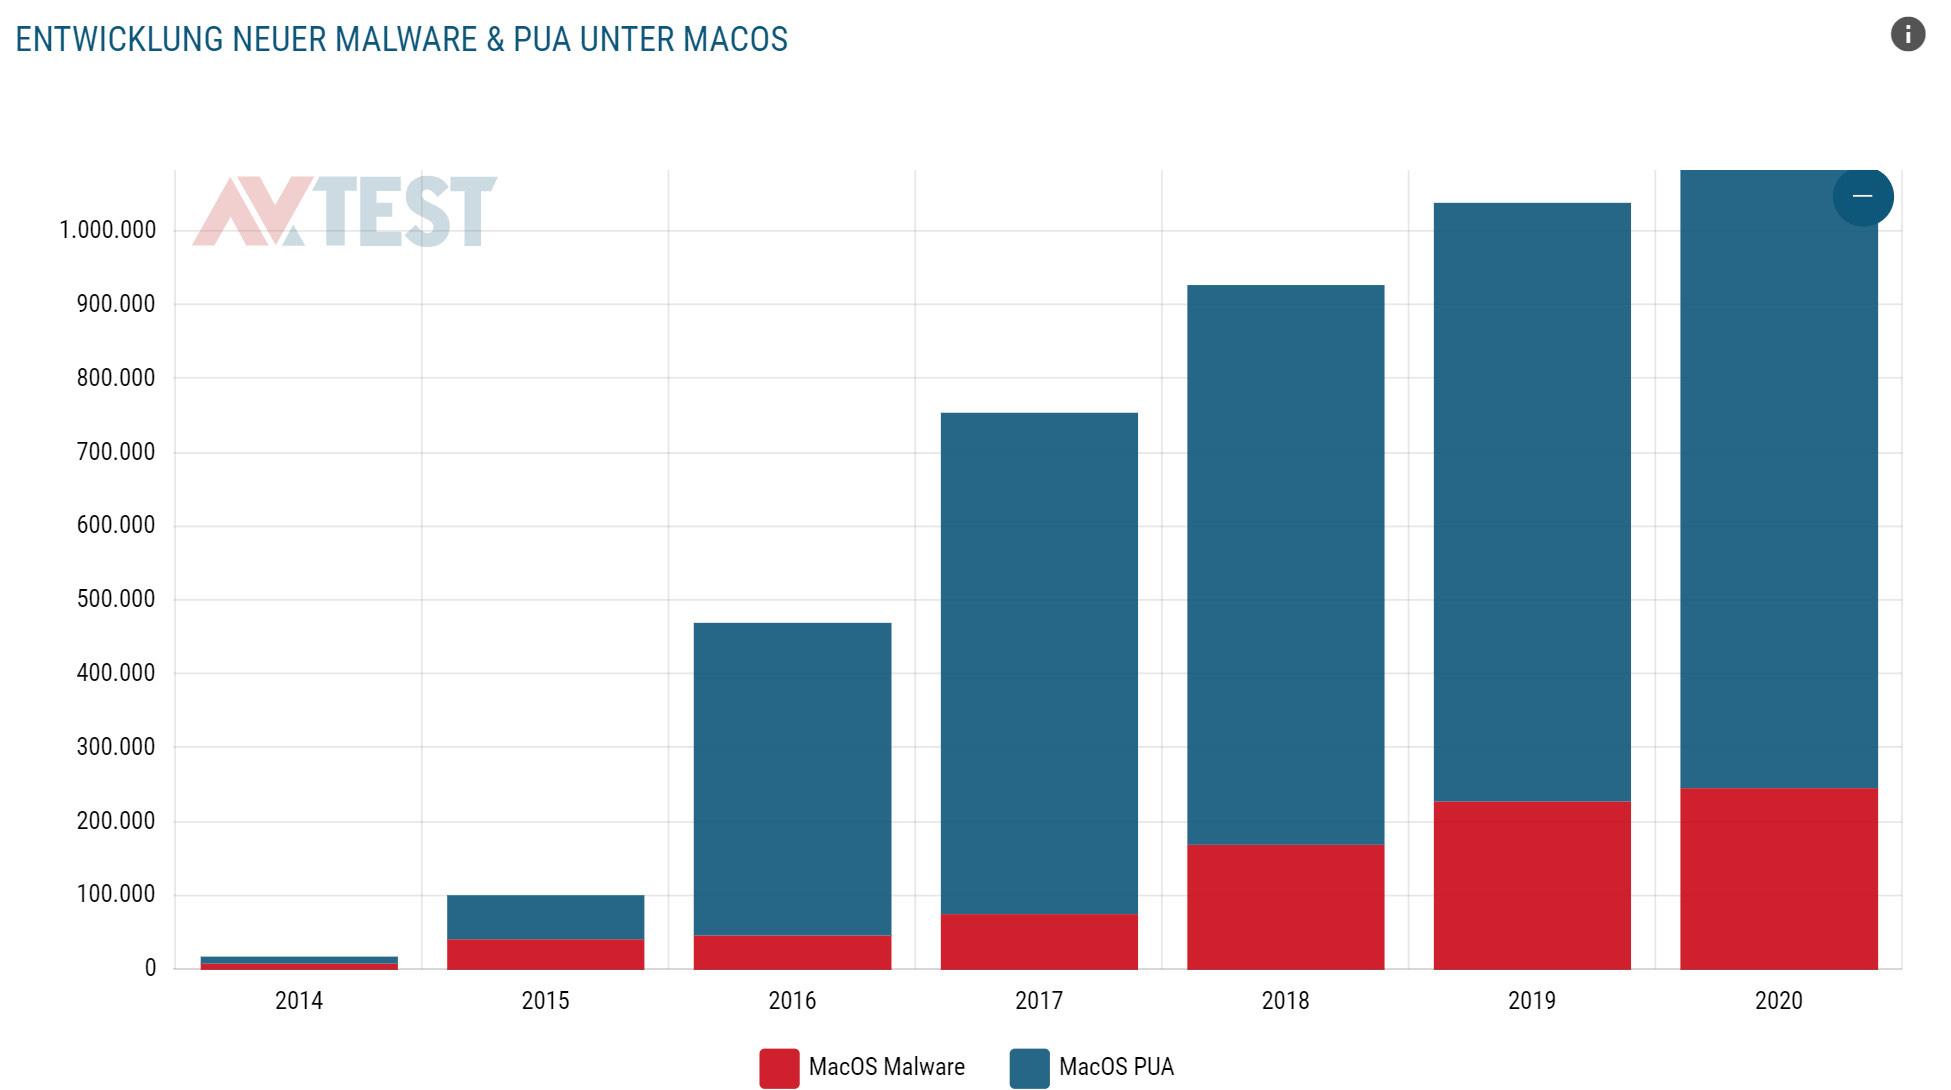 Tendenz steigend: Die Anzahl an Viren und Schadprogrammen für Macs nimmt seit Jahren zu.